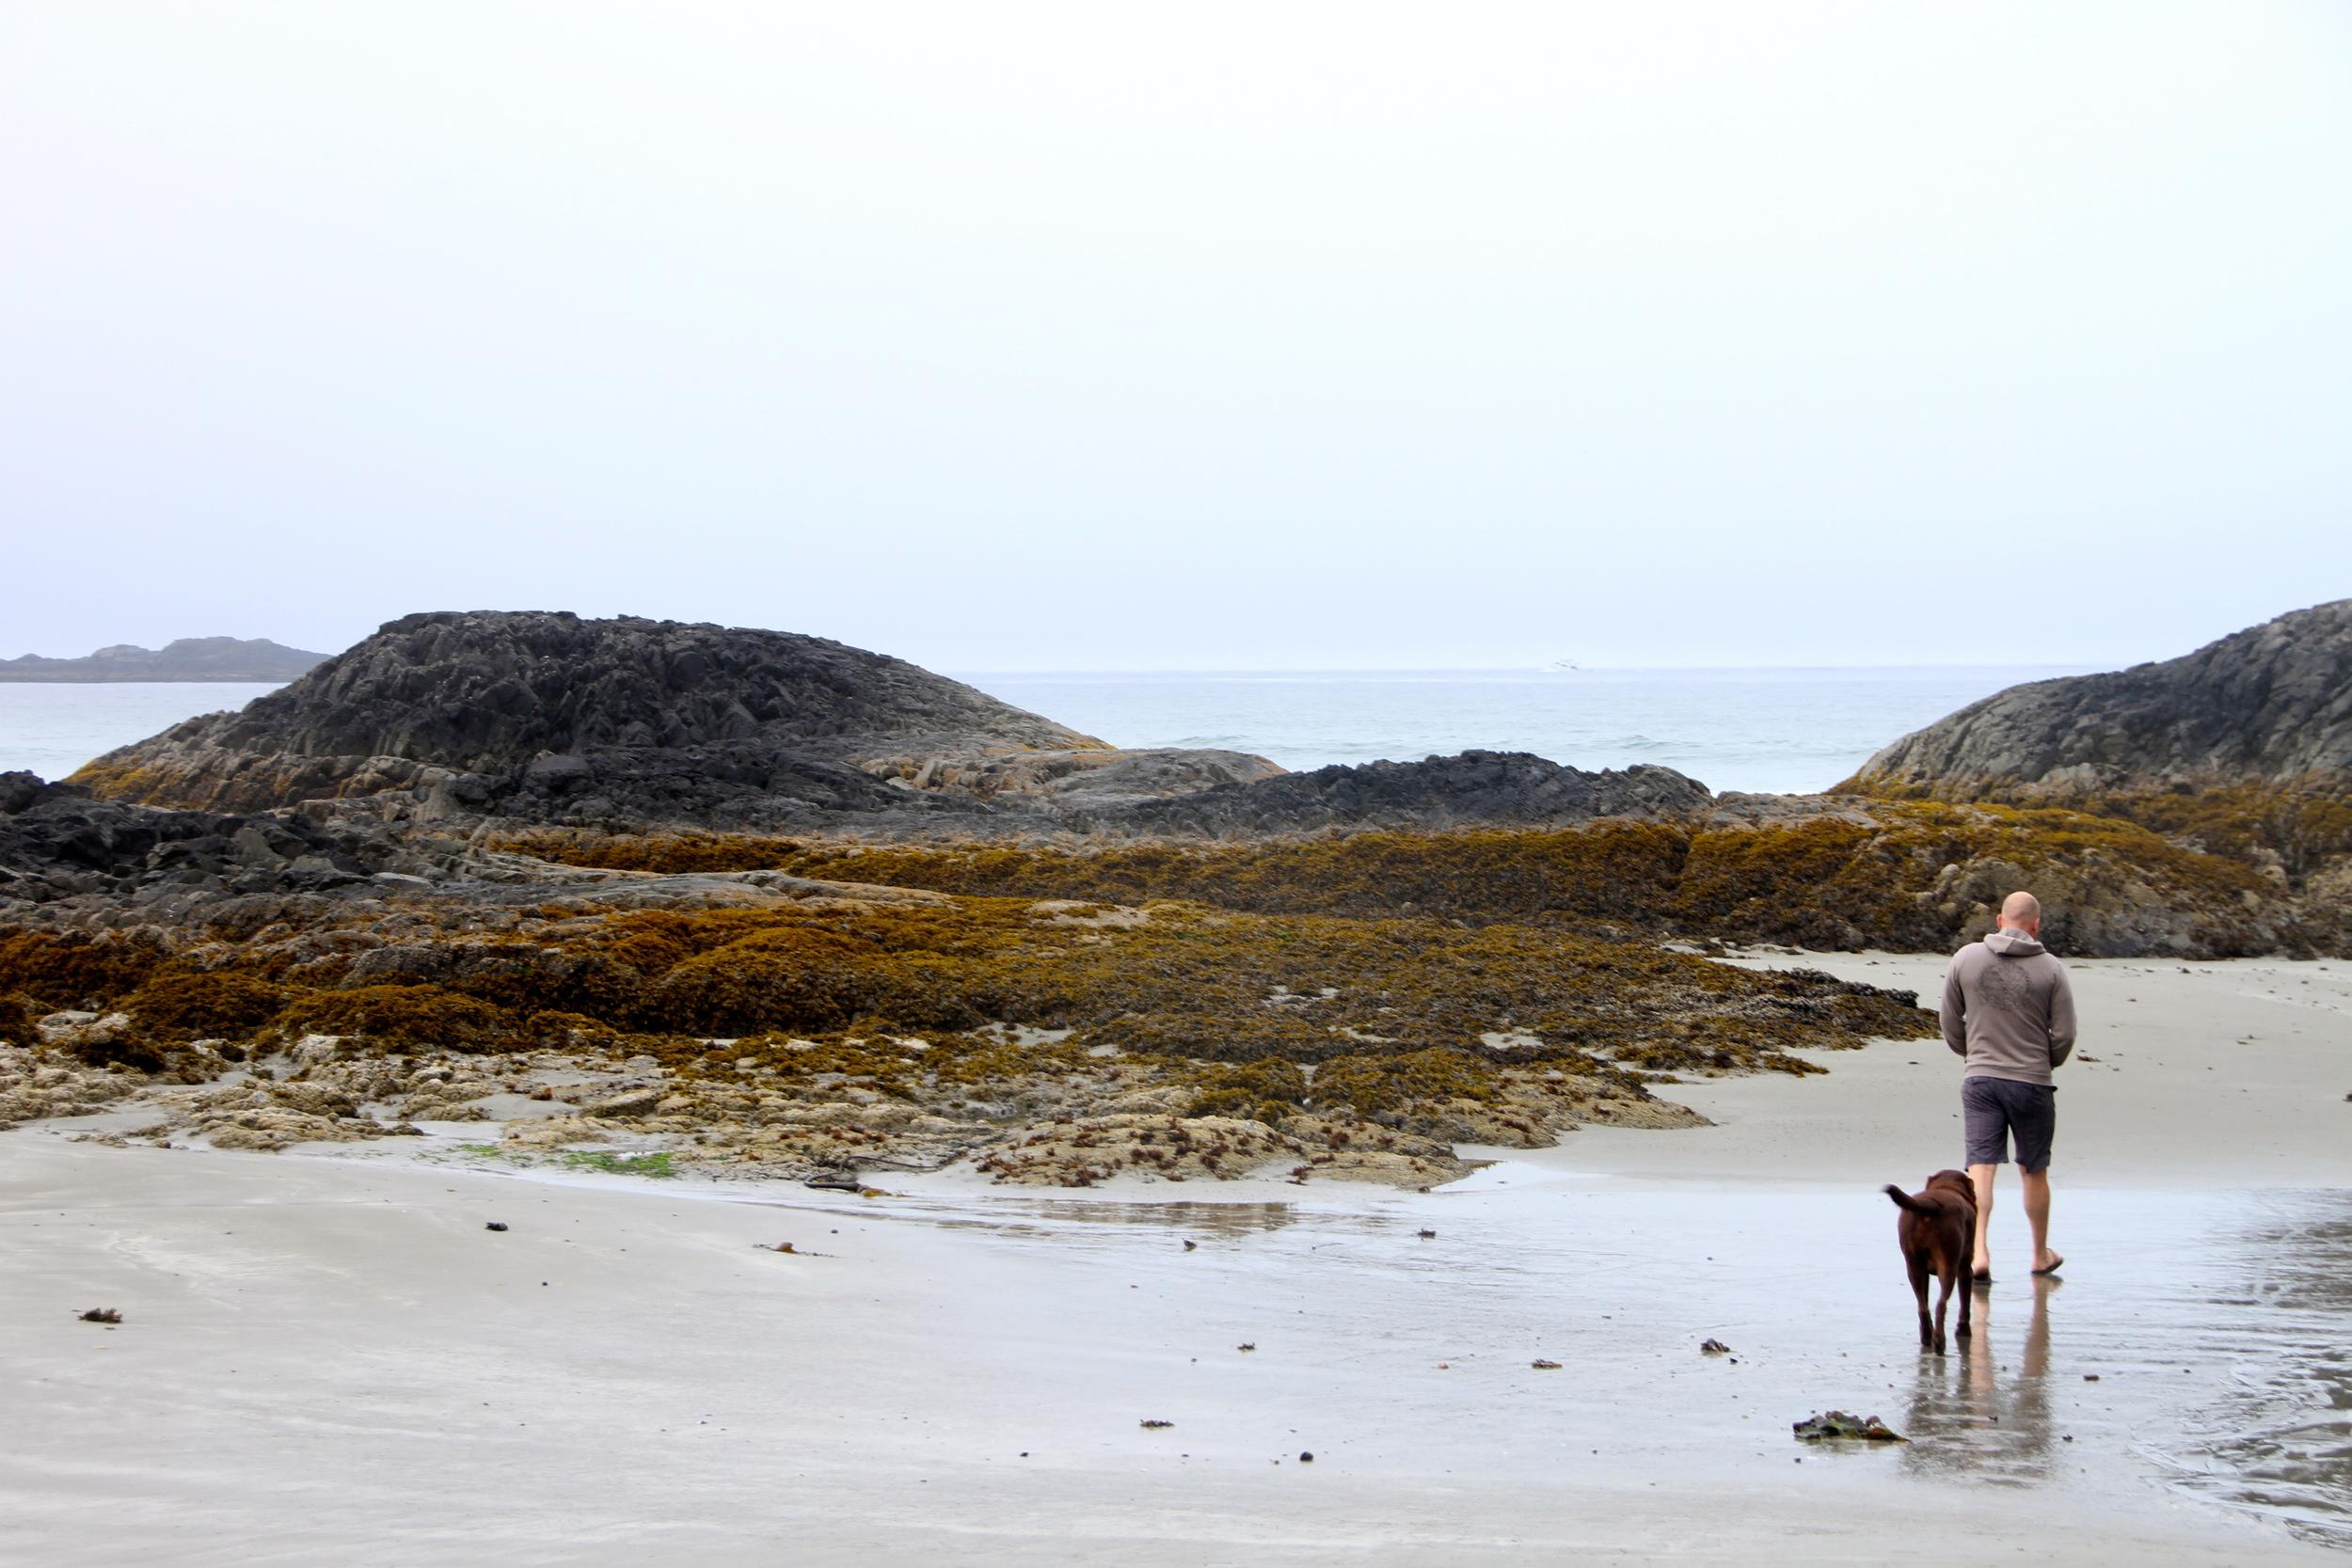 Beach walk. Chesterman Beach, Tofino, BC, Canada.